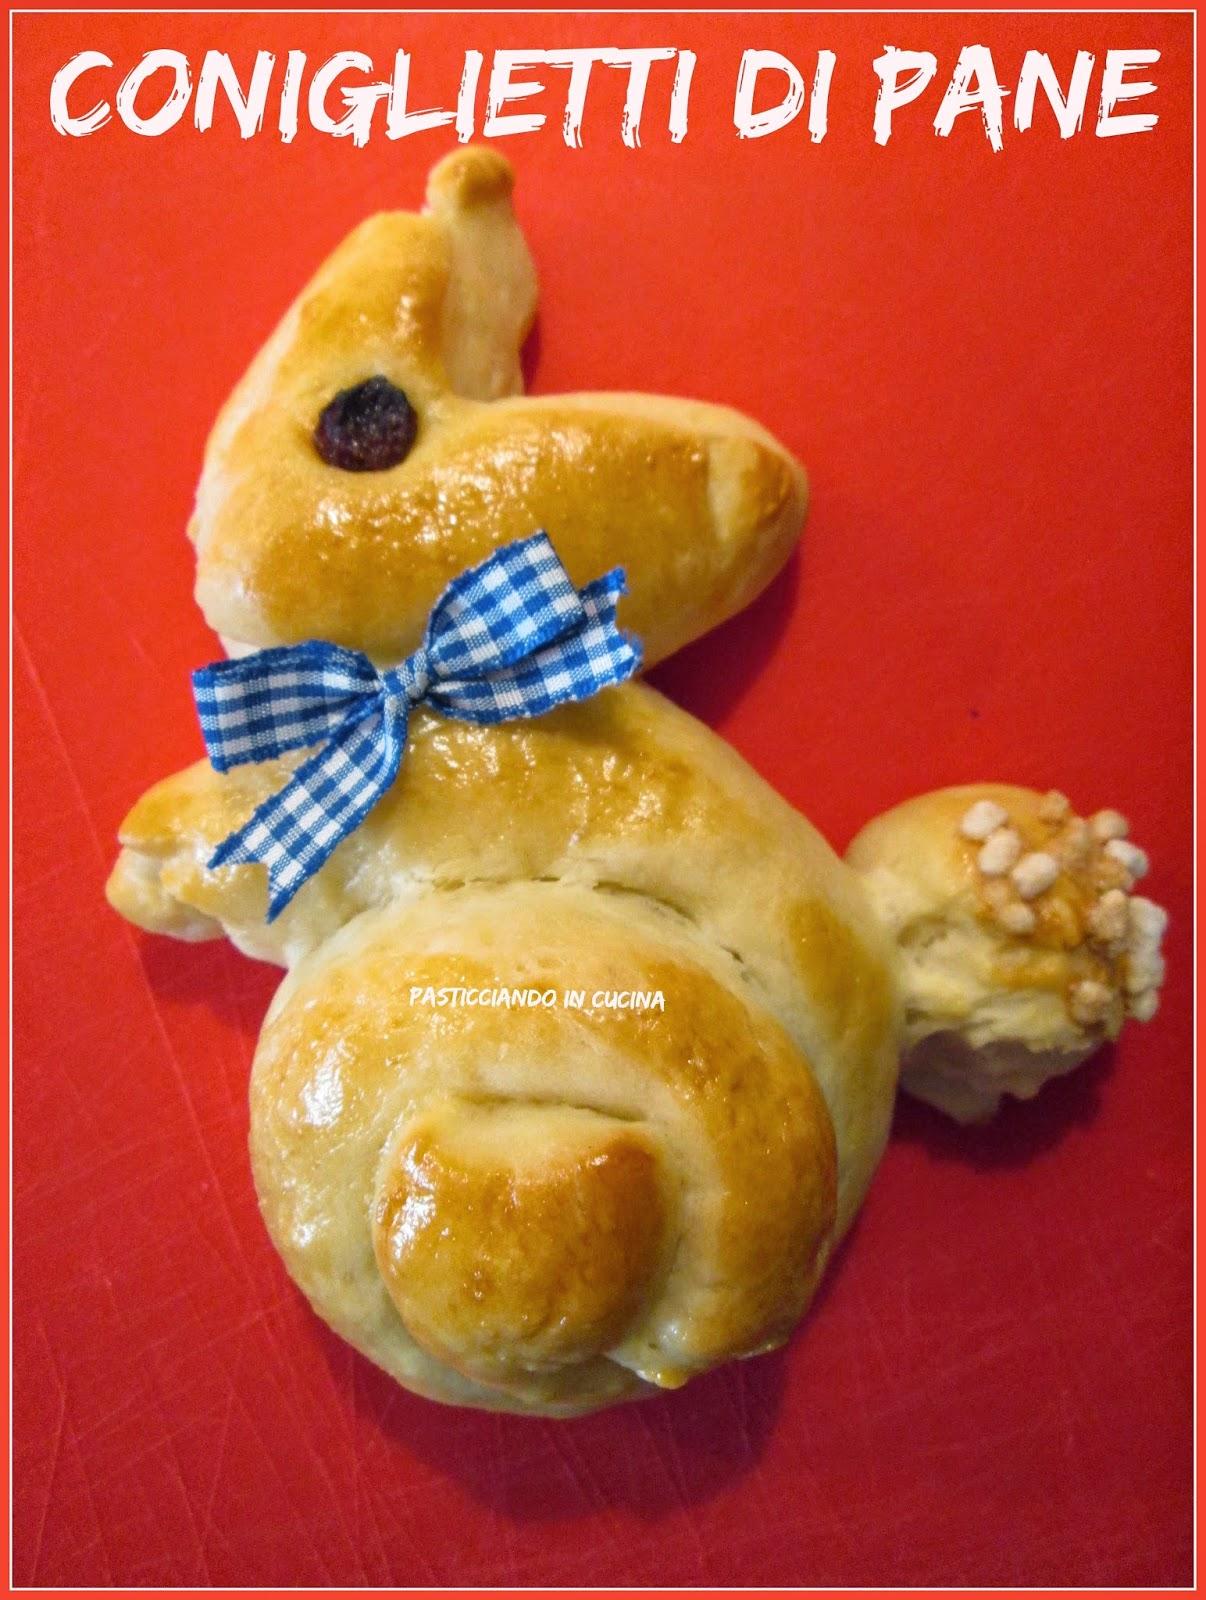 coniglietti di pane